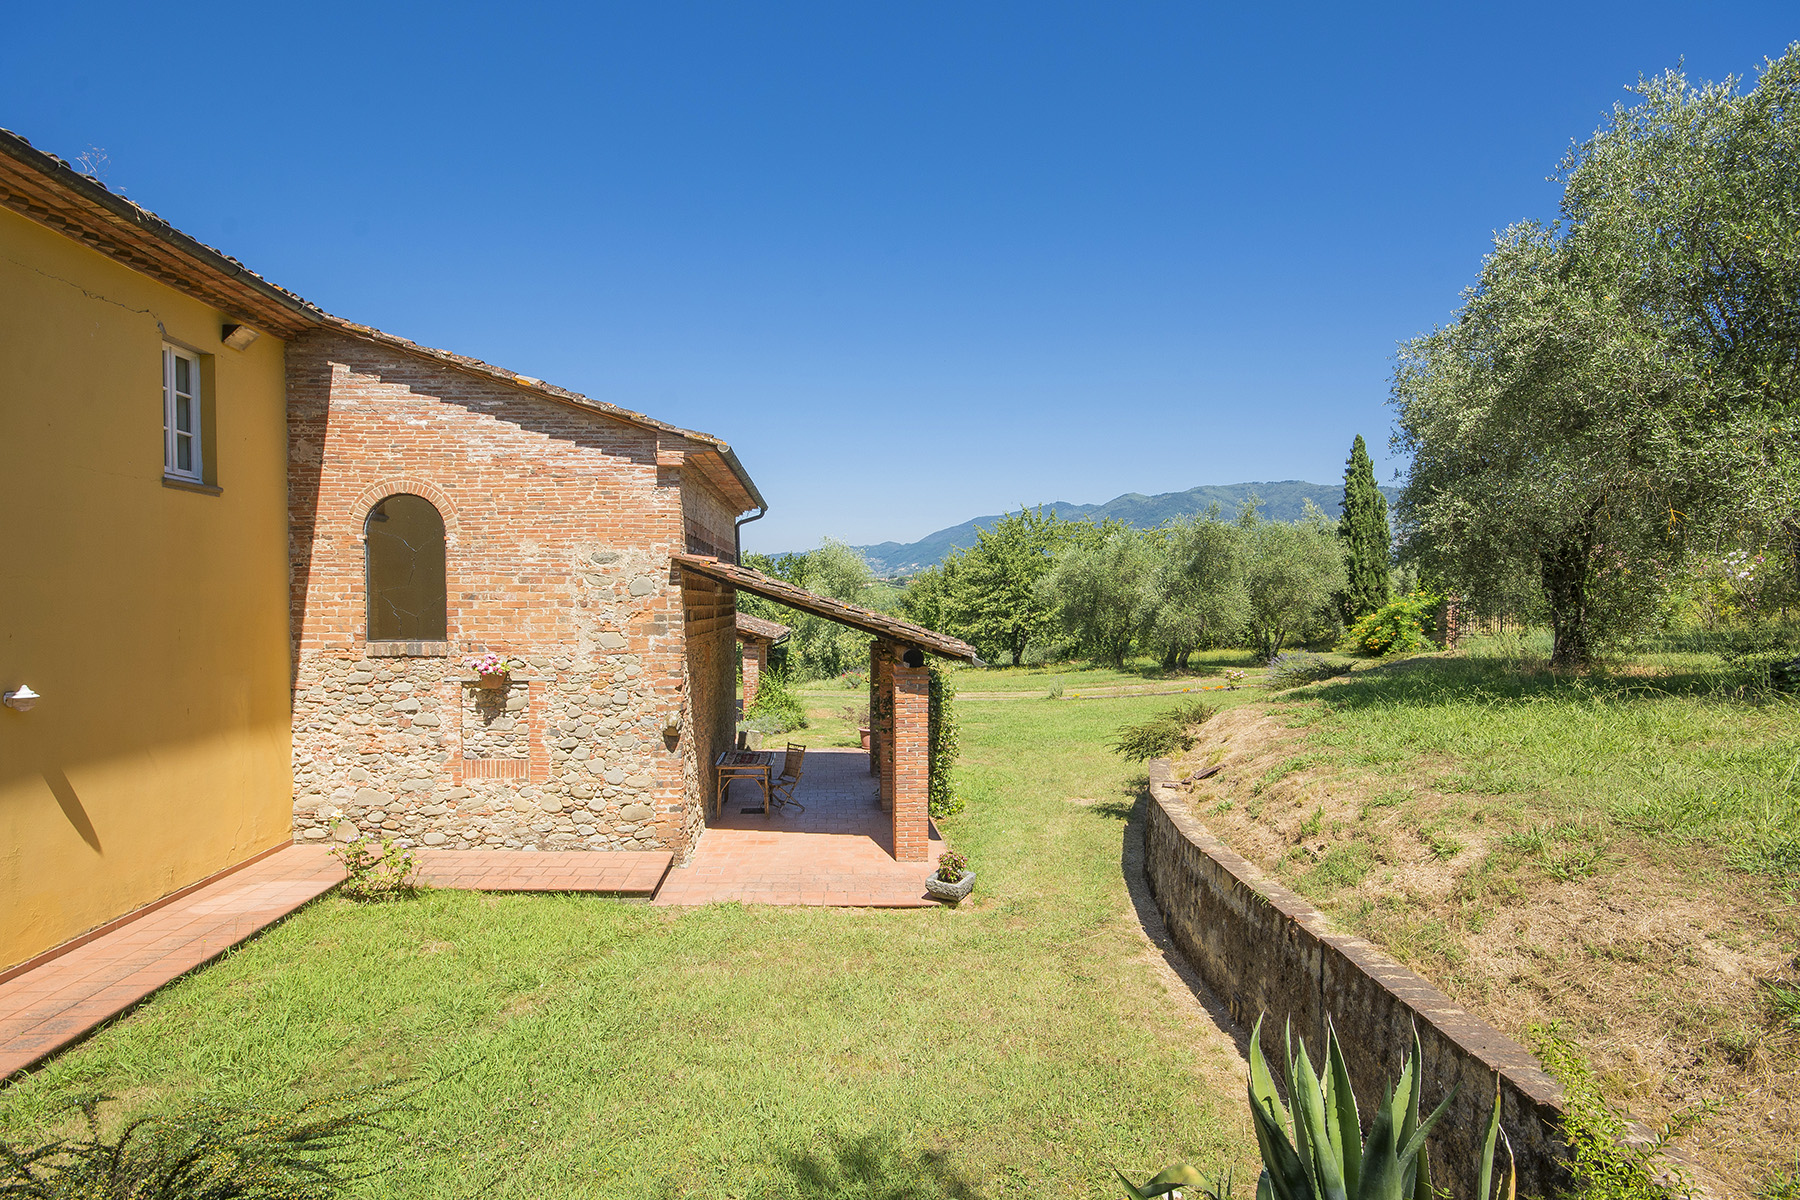 Rustico in Vendita a Capannori: 5 locali, 400 mq - Foto 18